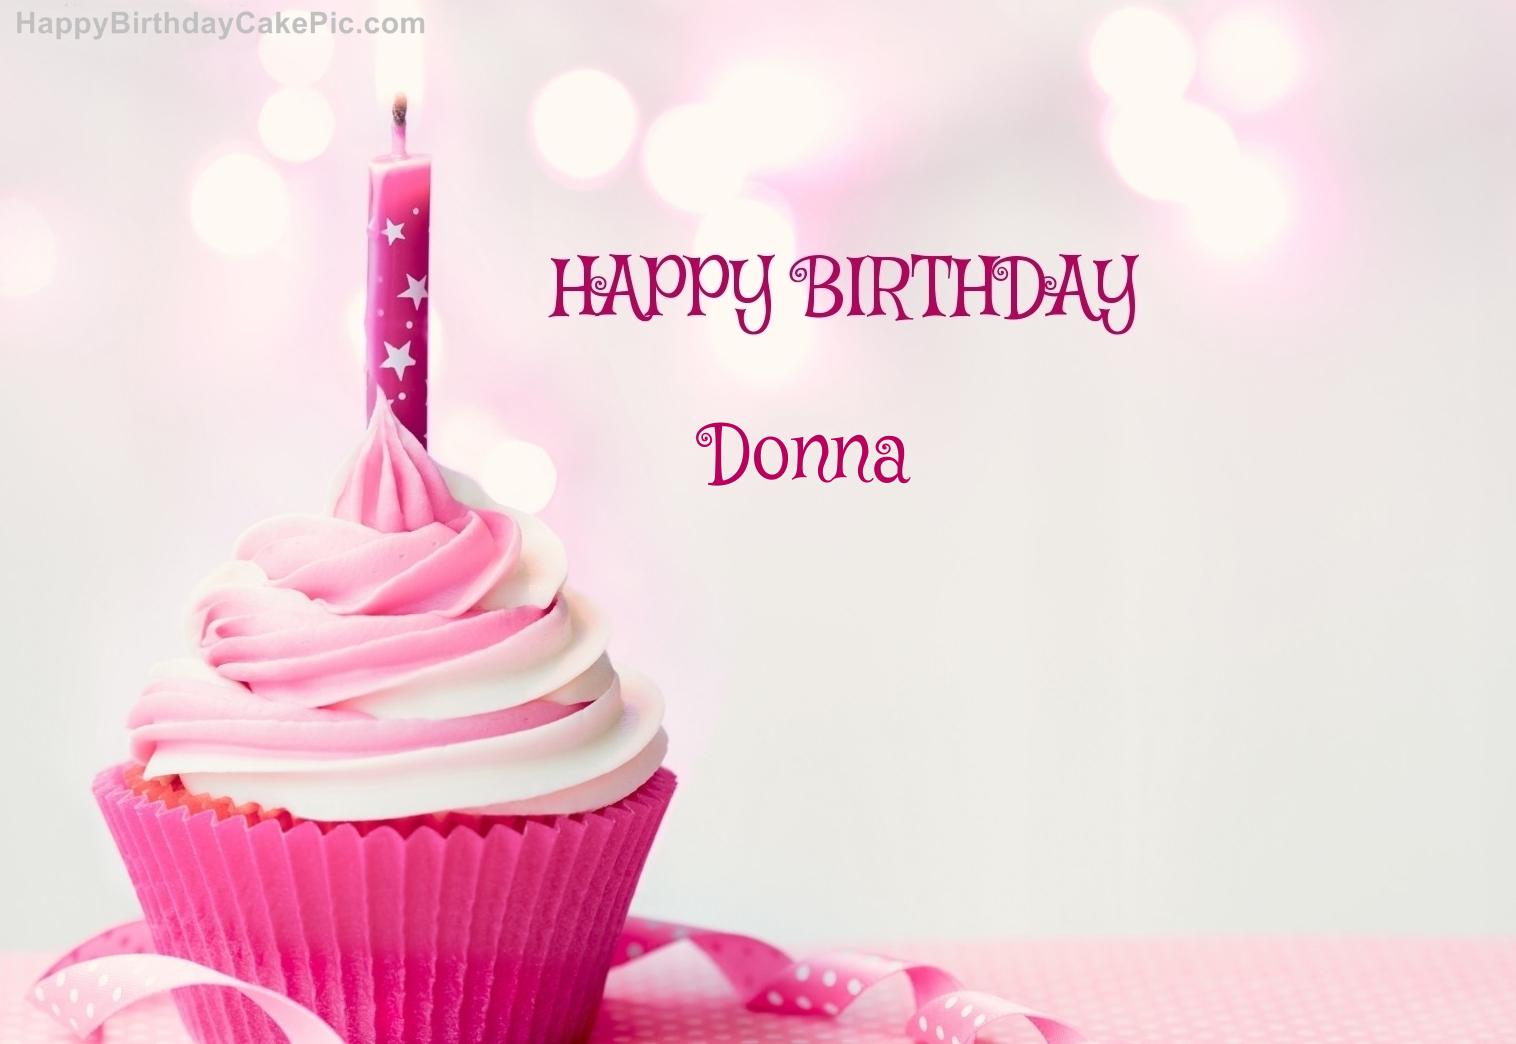 Happy Birthday Donna Cake